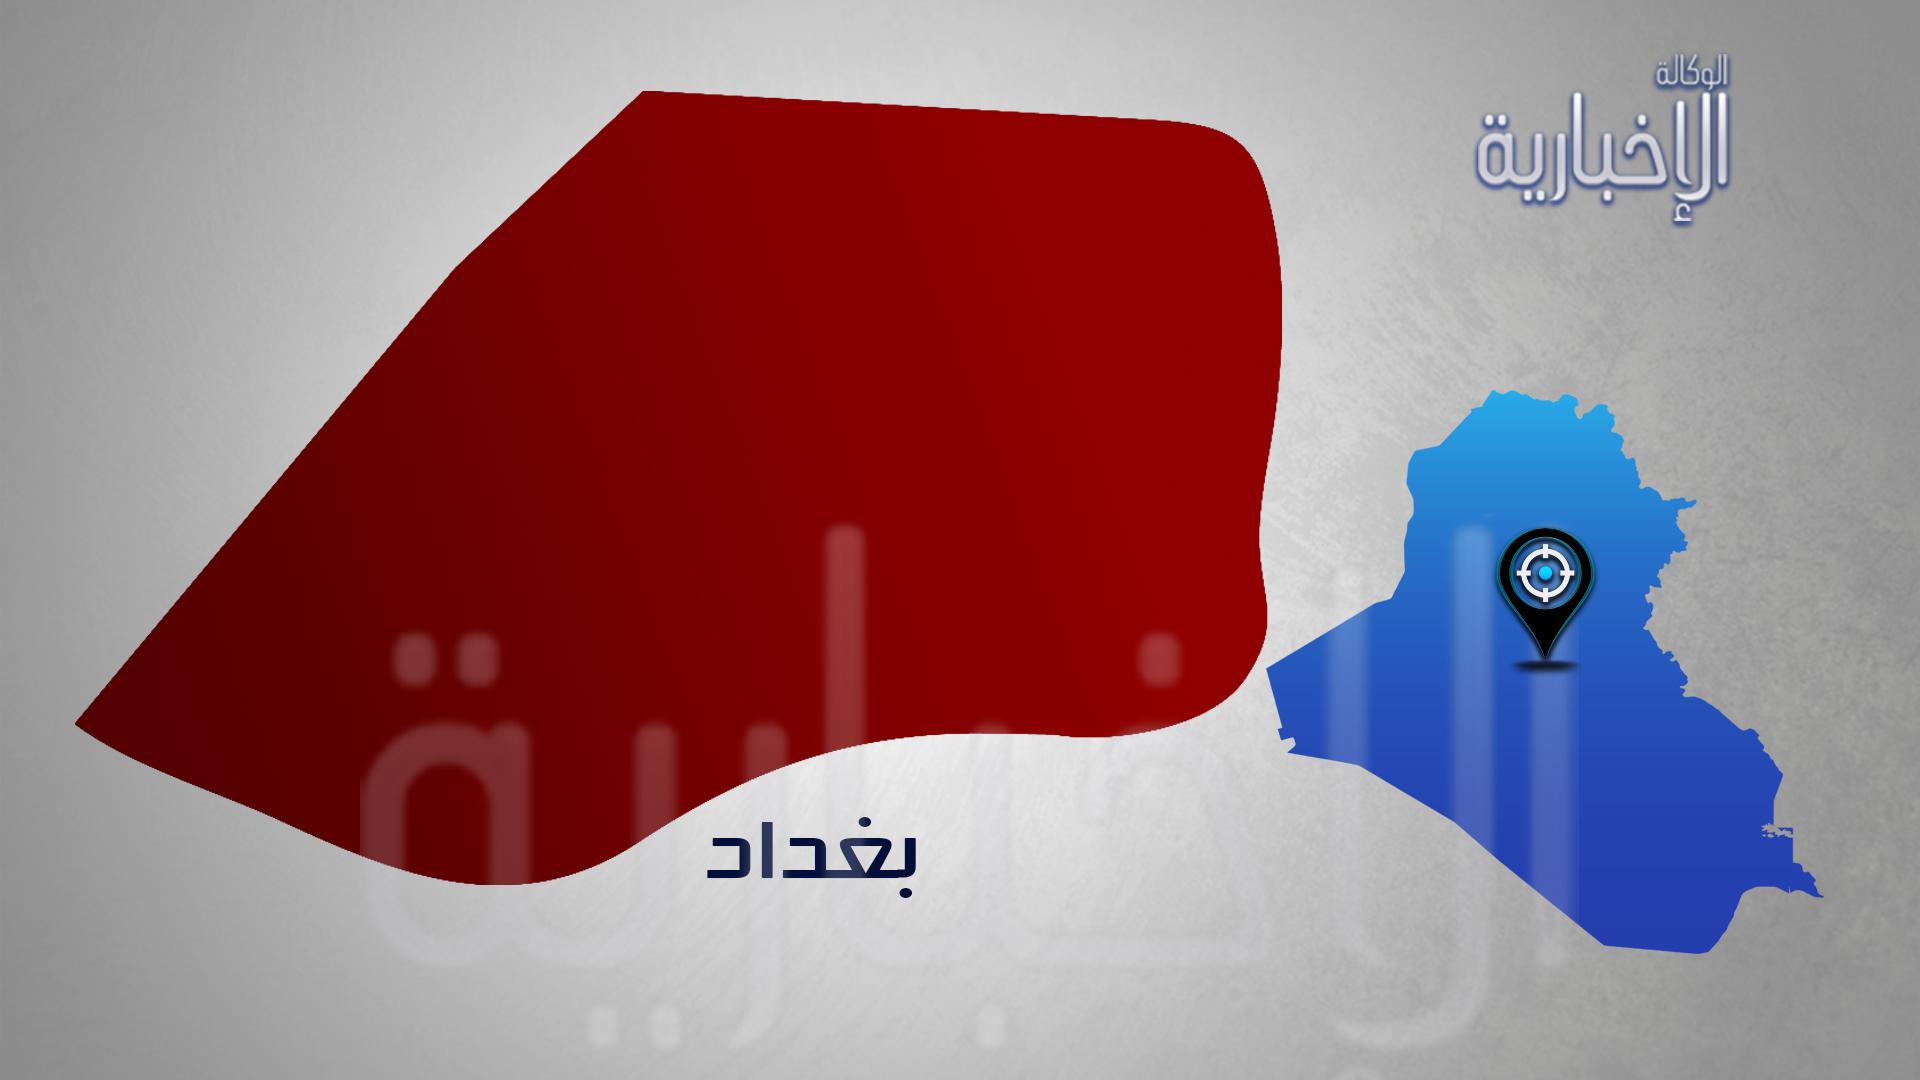 """متظاهرون يحرقون """"مصدات بلاستيكية"""" على طريق محمد القاسم قرب وزارة المالية"""